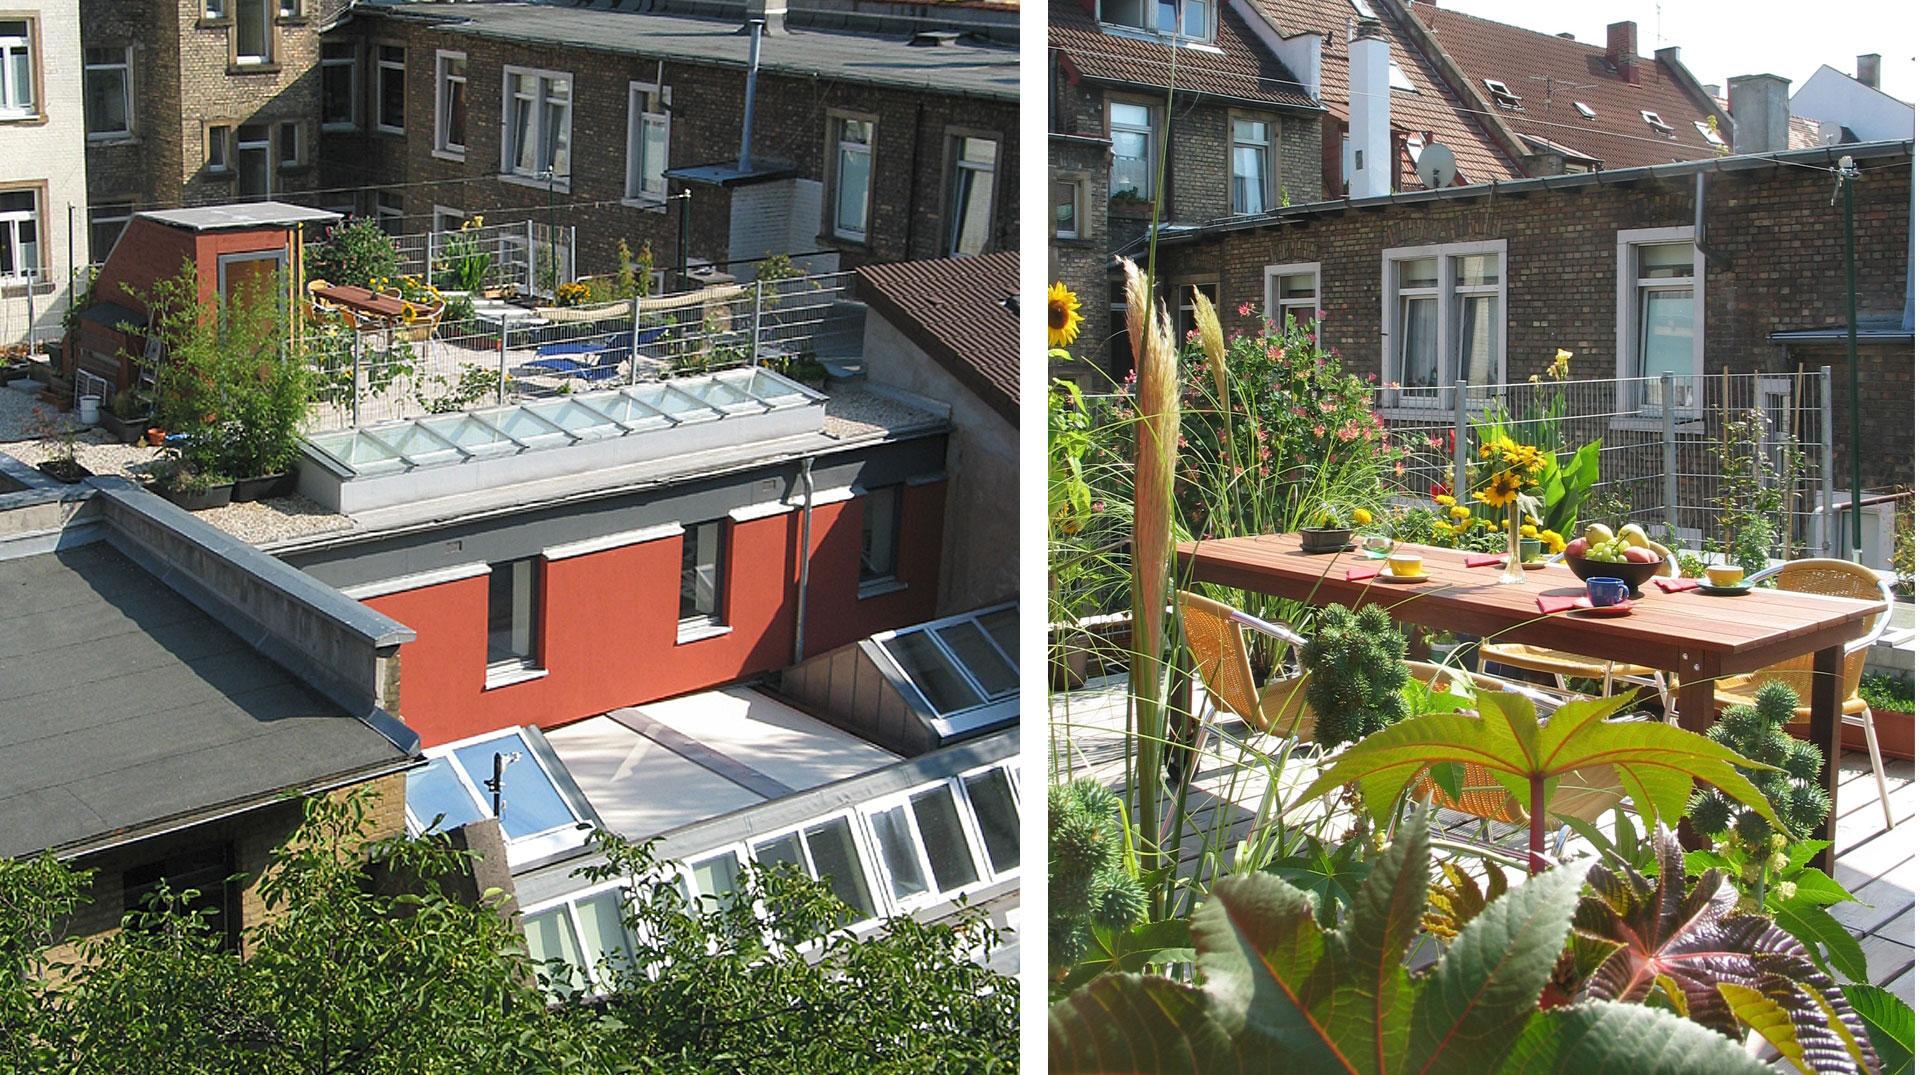 Loft in ehem. Holzlager, Karlsruhe